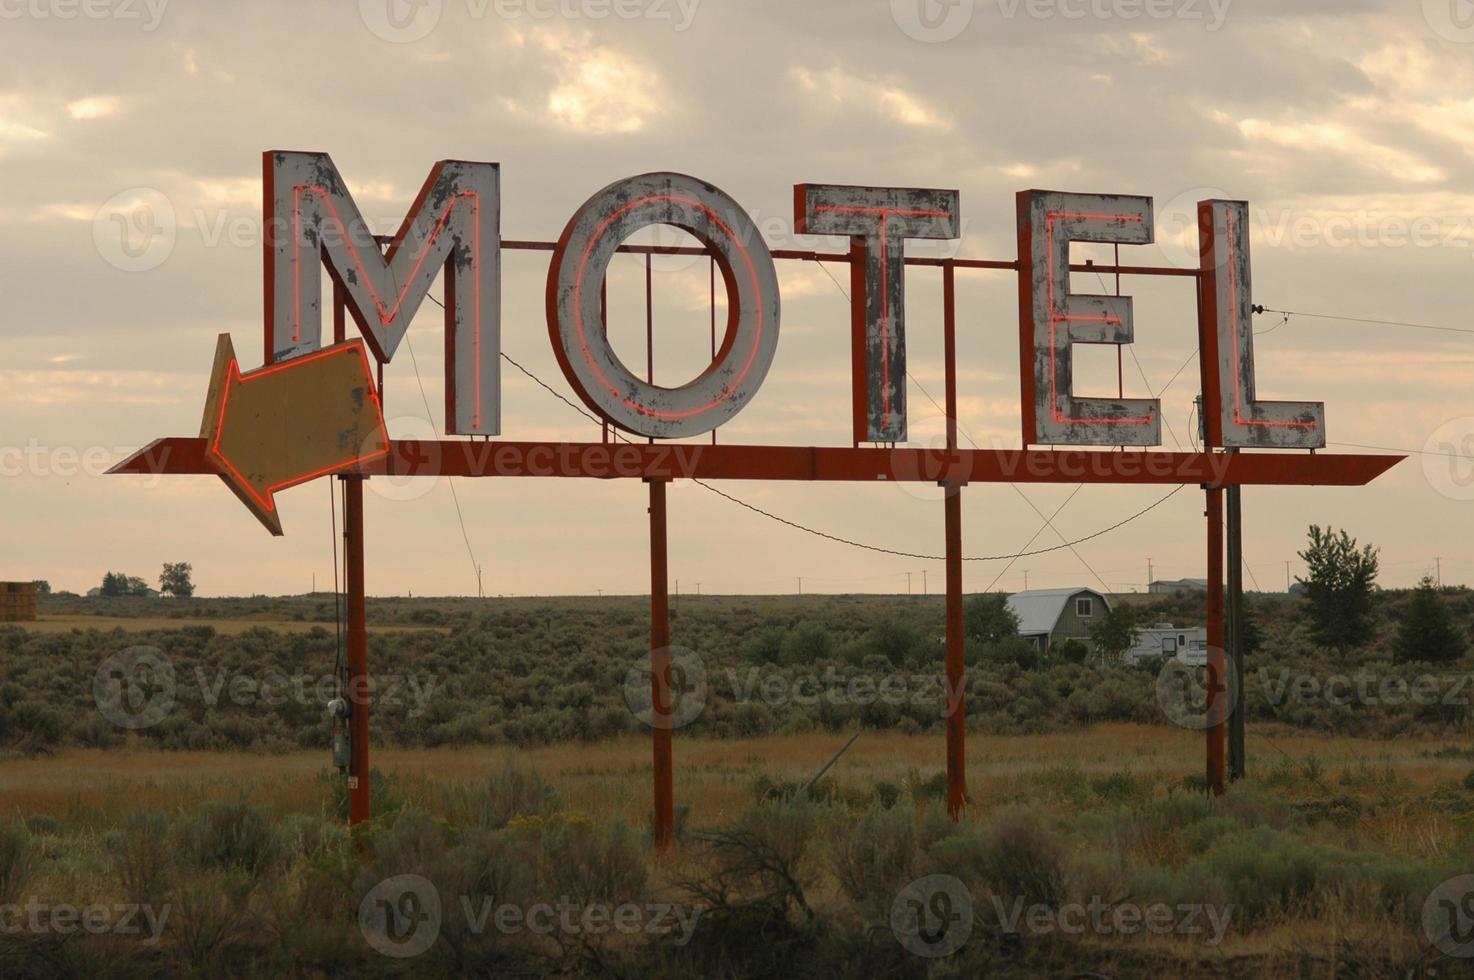 placa de motel envelhecida foto